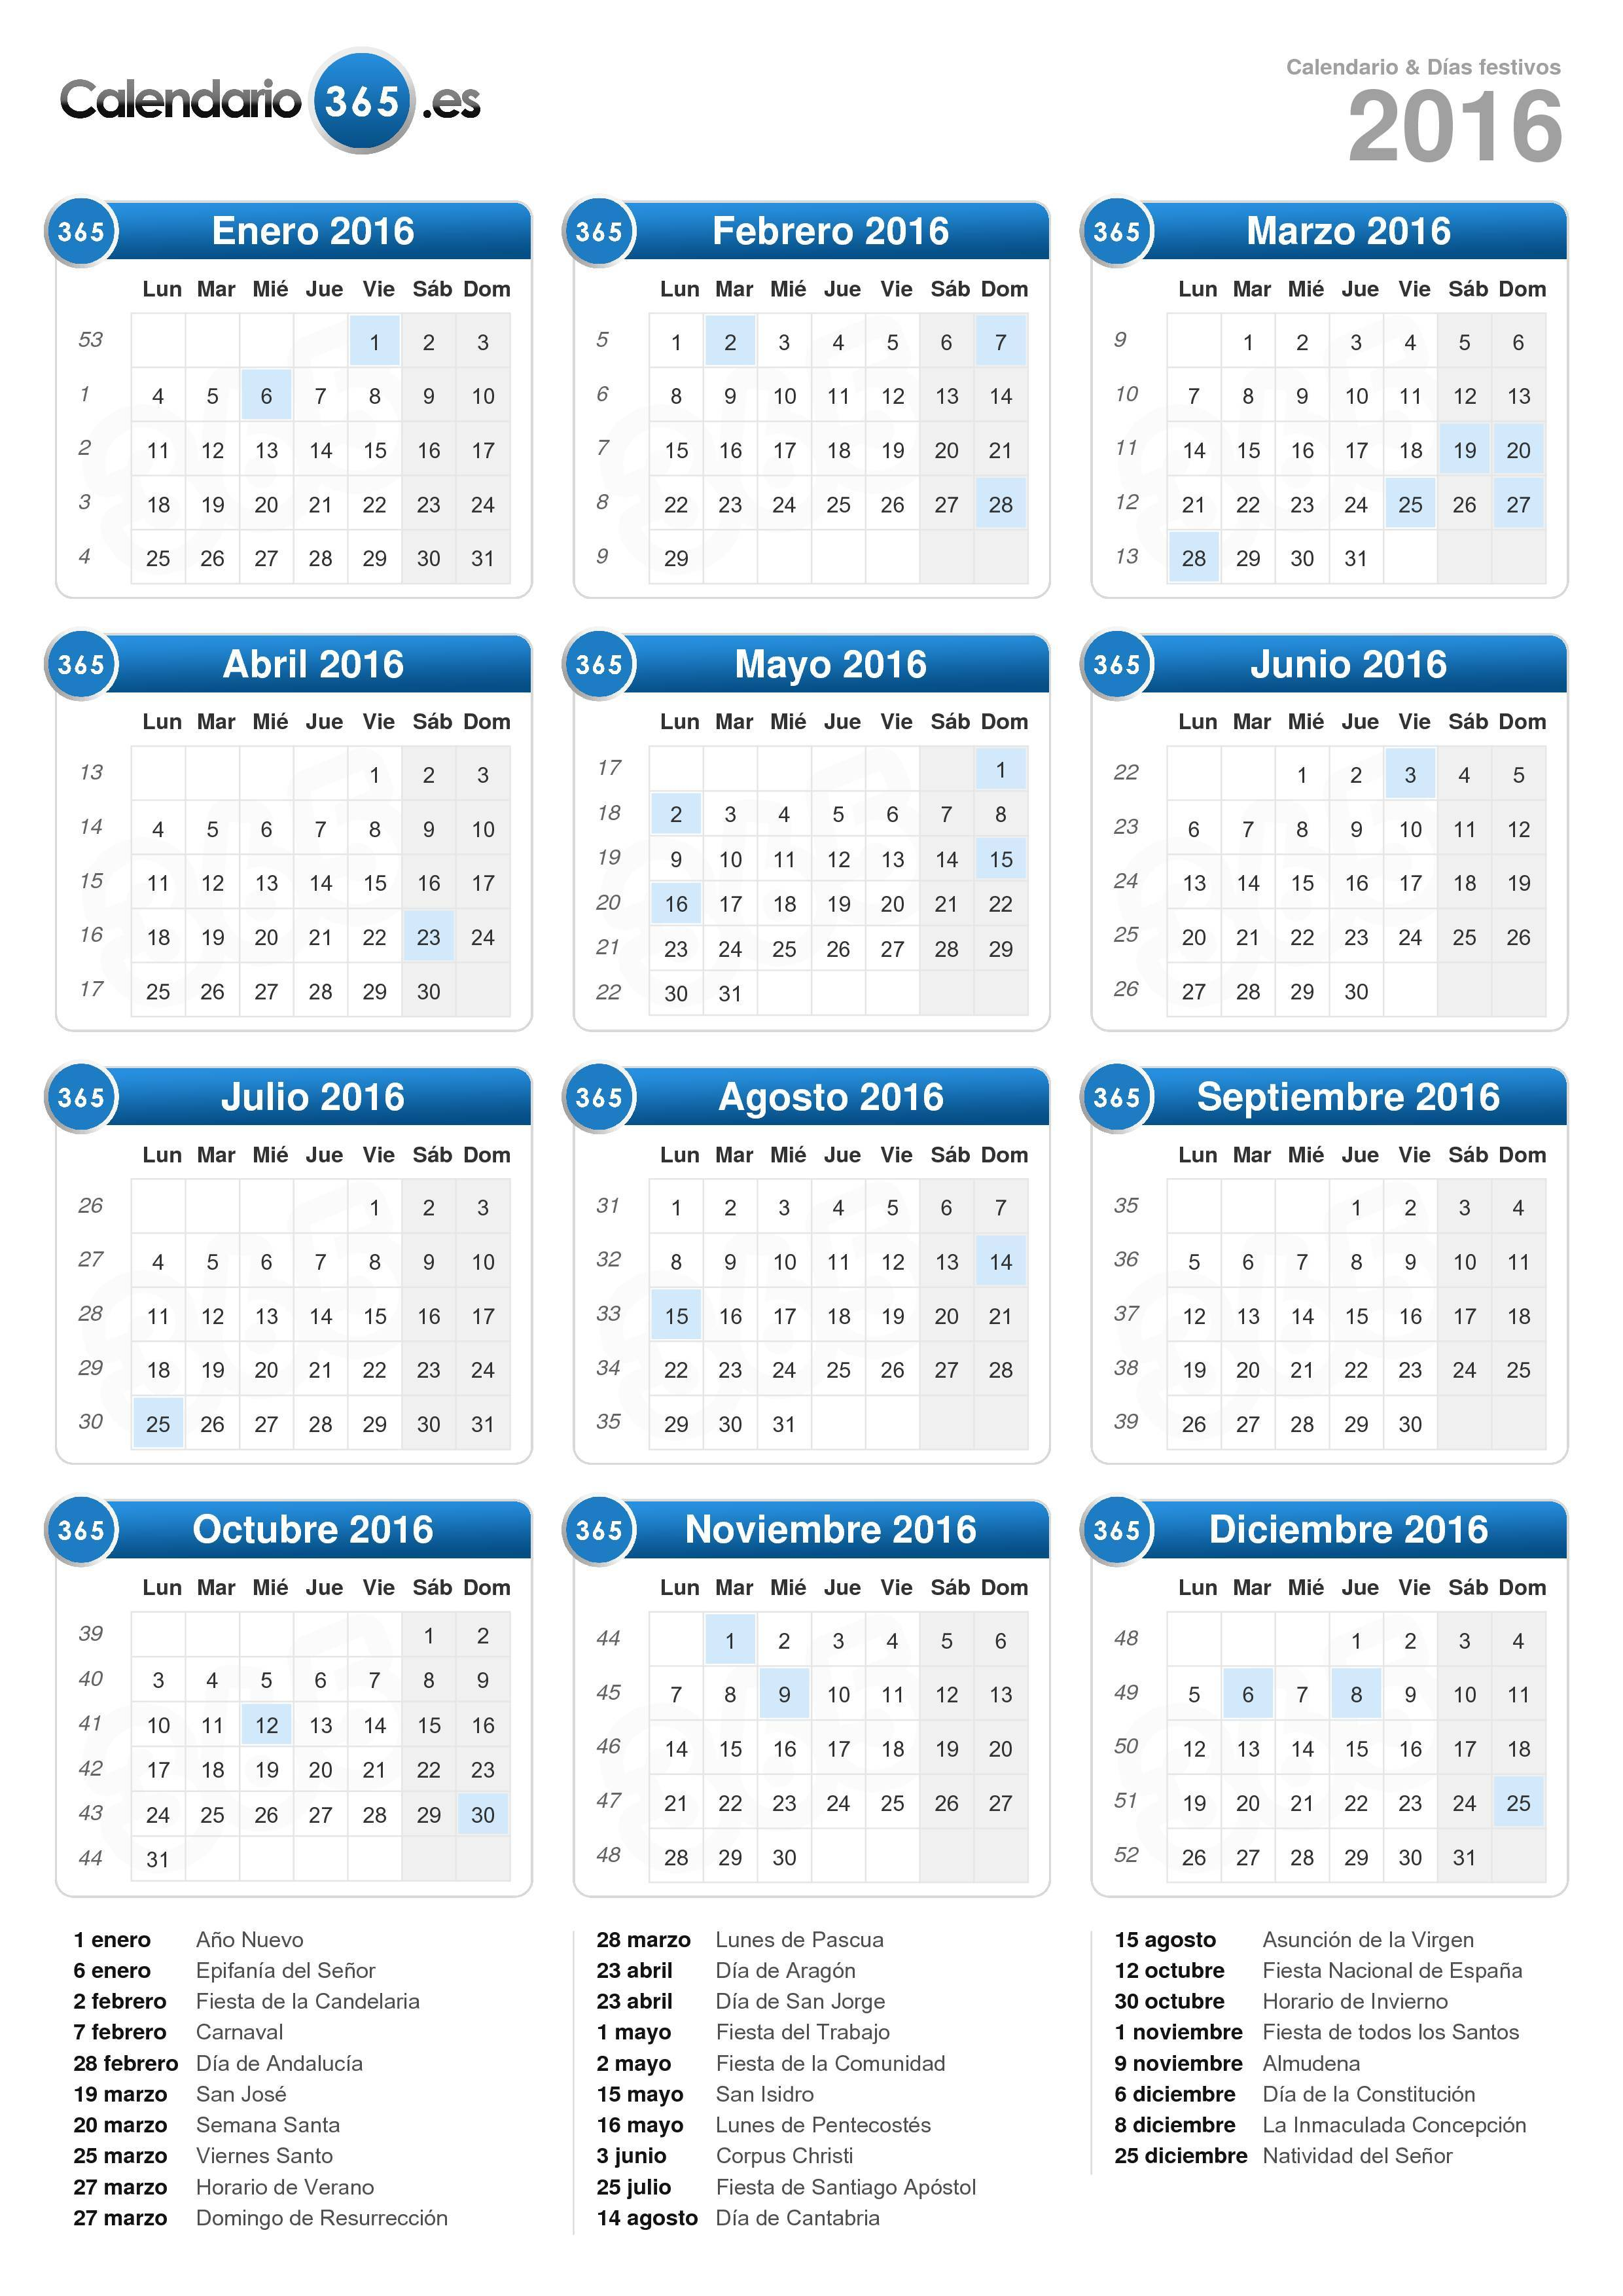 Calendario 2016 (formato vertical)